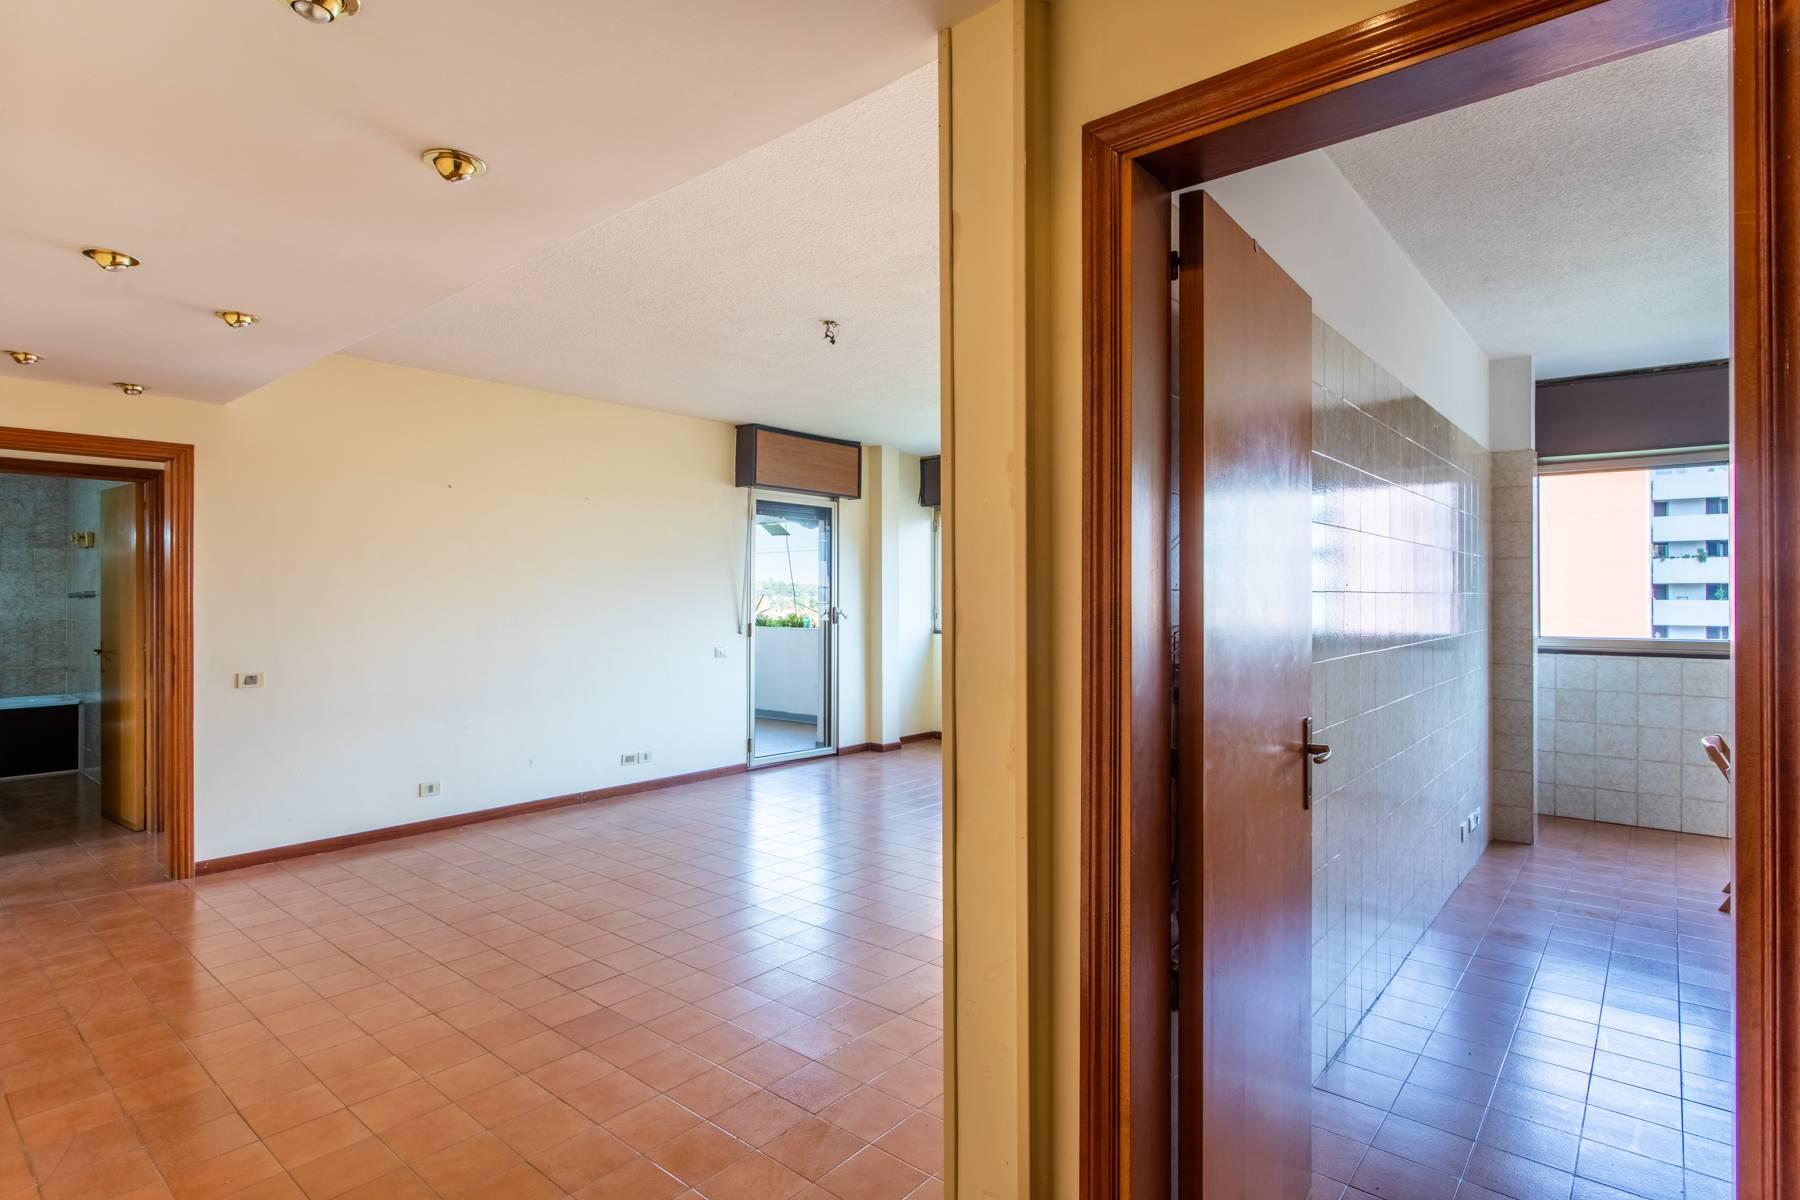 Appartamento in Vendita a Roma: 4 locali, 131 mq - Foto 13